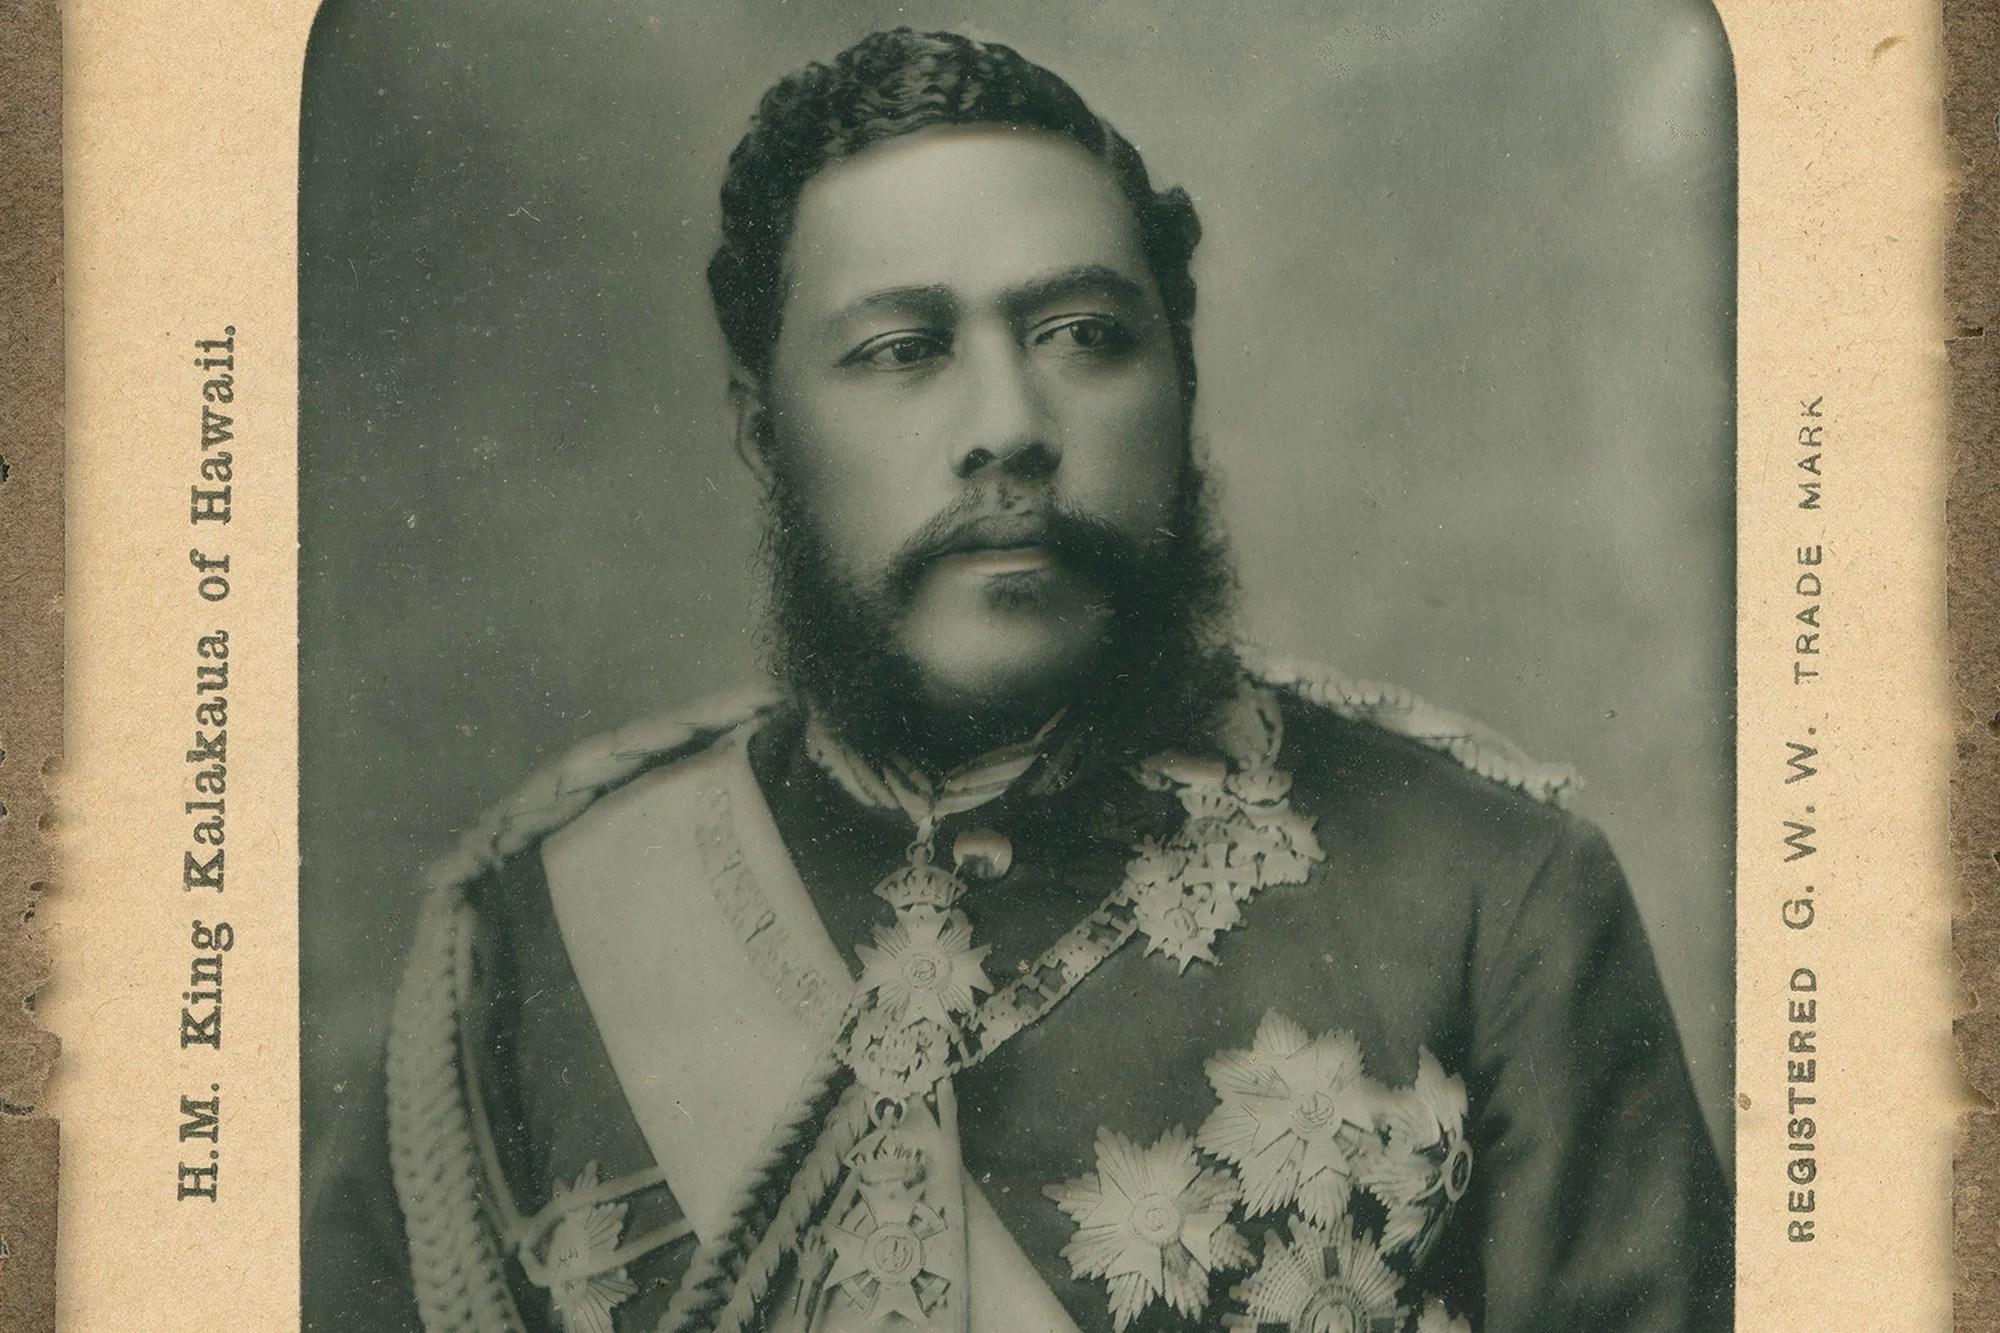 Lantern slide of King Kalākaua of Hawaiʻi, c. 1880.